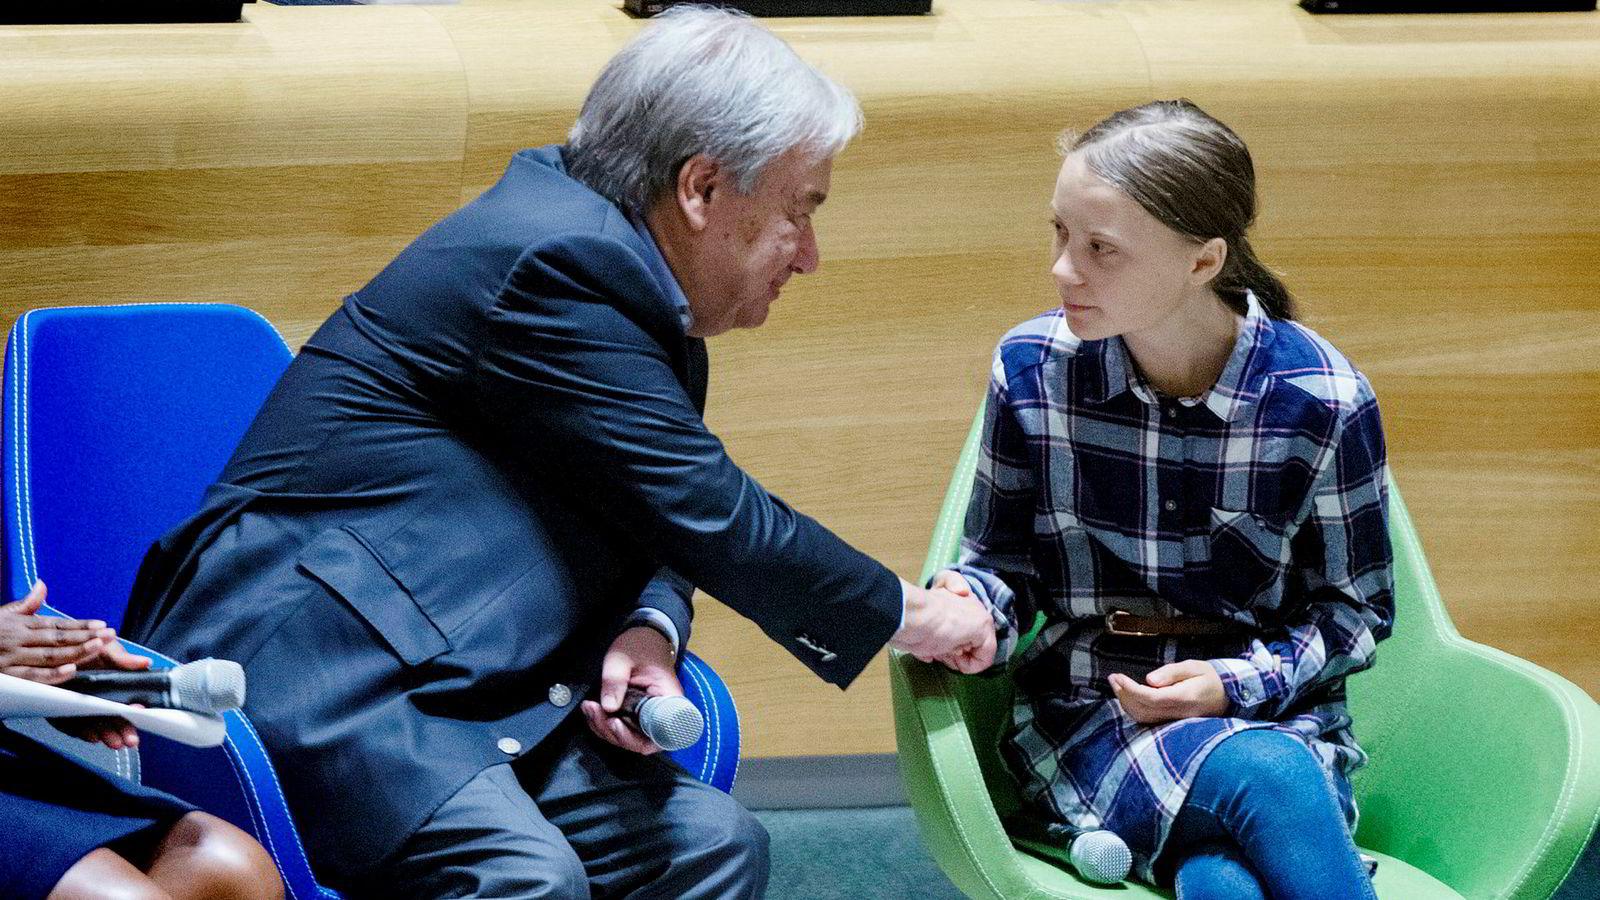 FNs generalsekretær António Guterres har alliert seg med den svenske klimaaktivisten Greta Thunberg. Lørdag deltok de sammen på Youth Climate Summit i FN-hovedkvarteret. Mandag taler hun på FNs klimatoppmøtet.